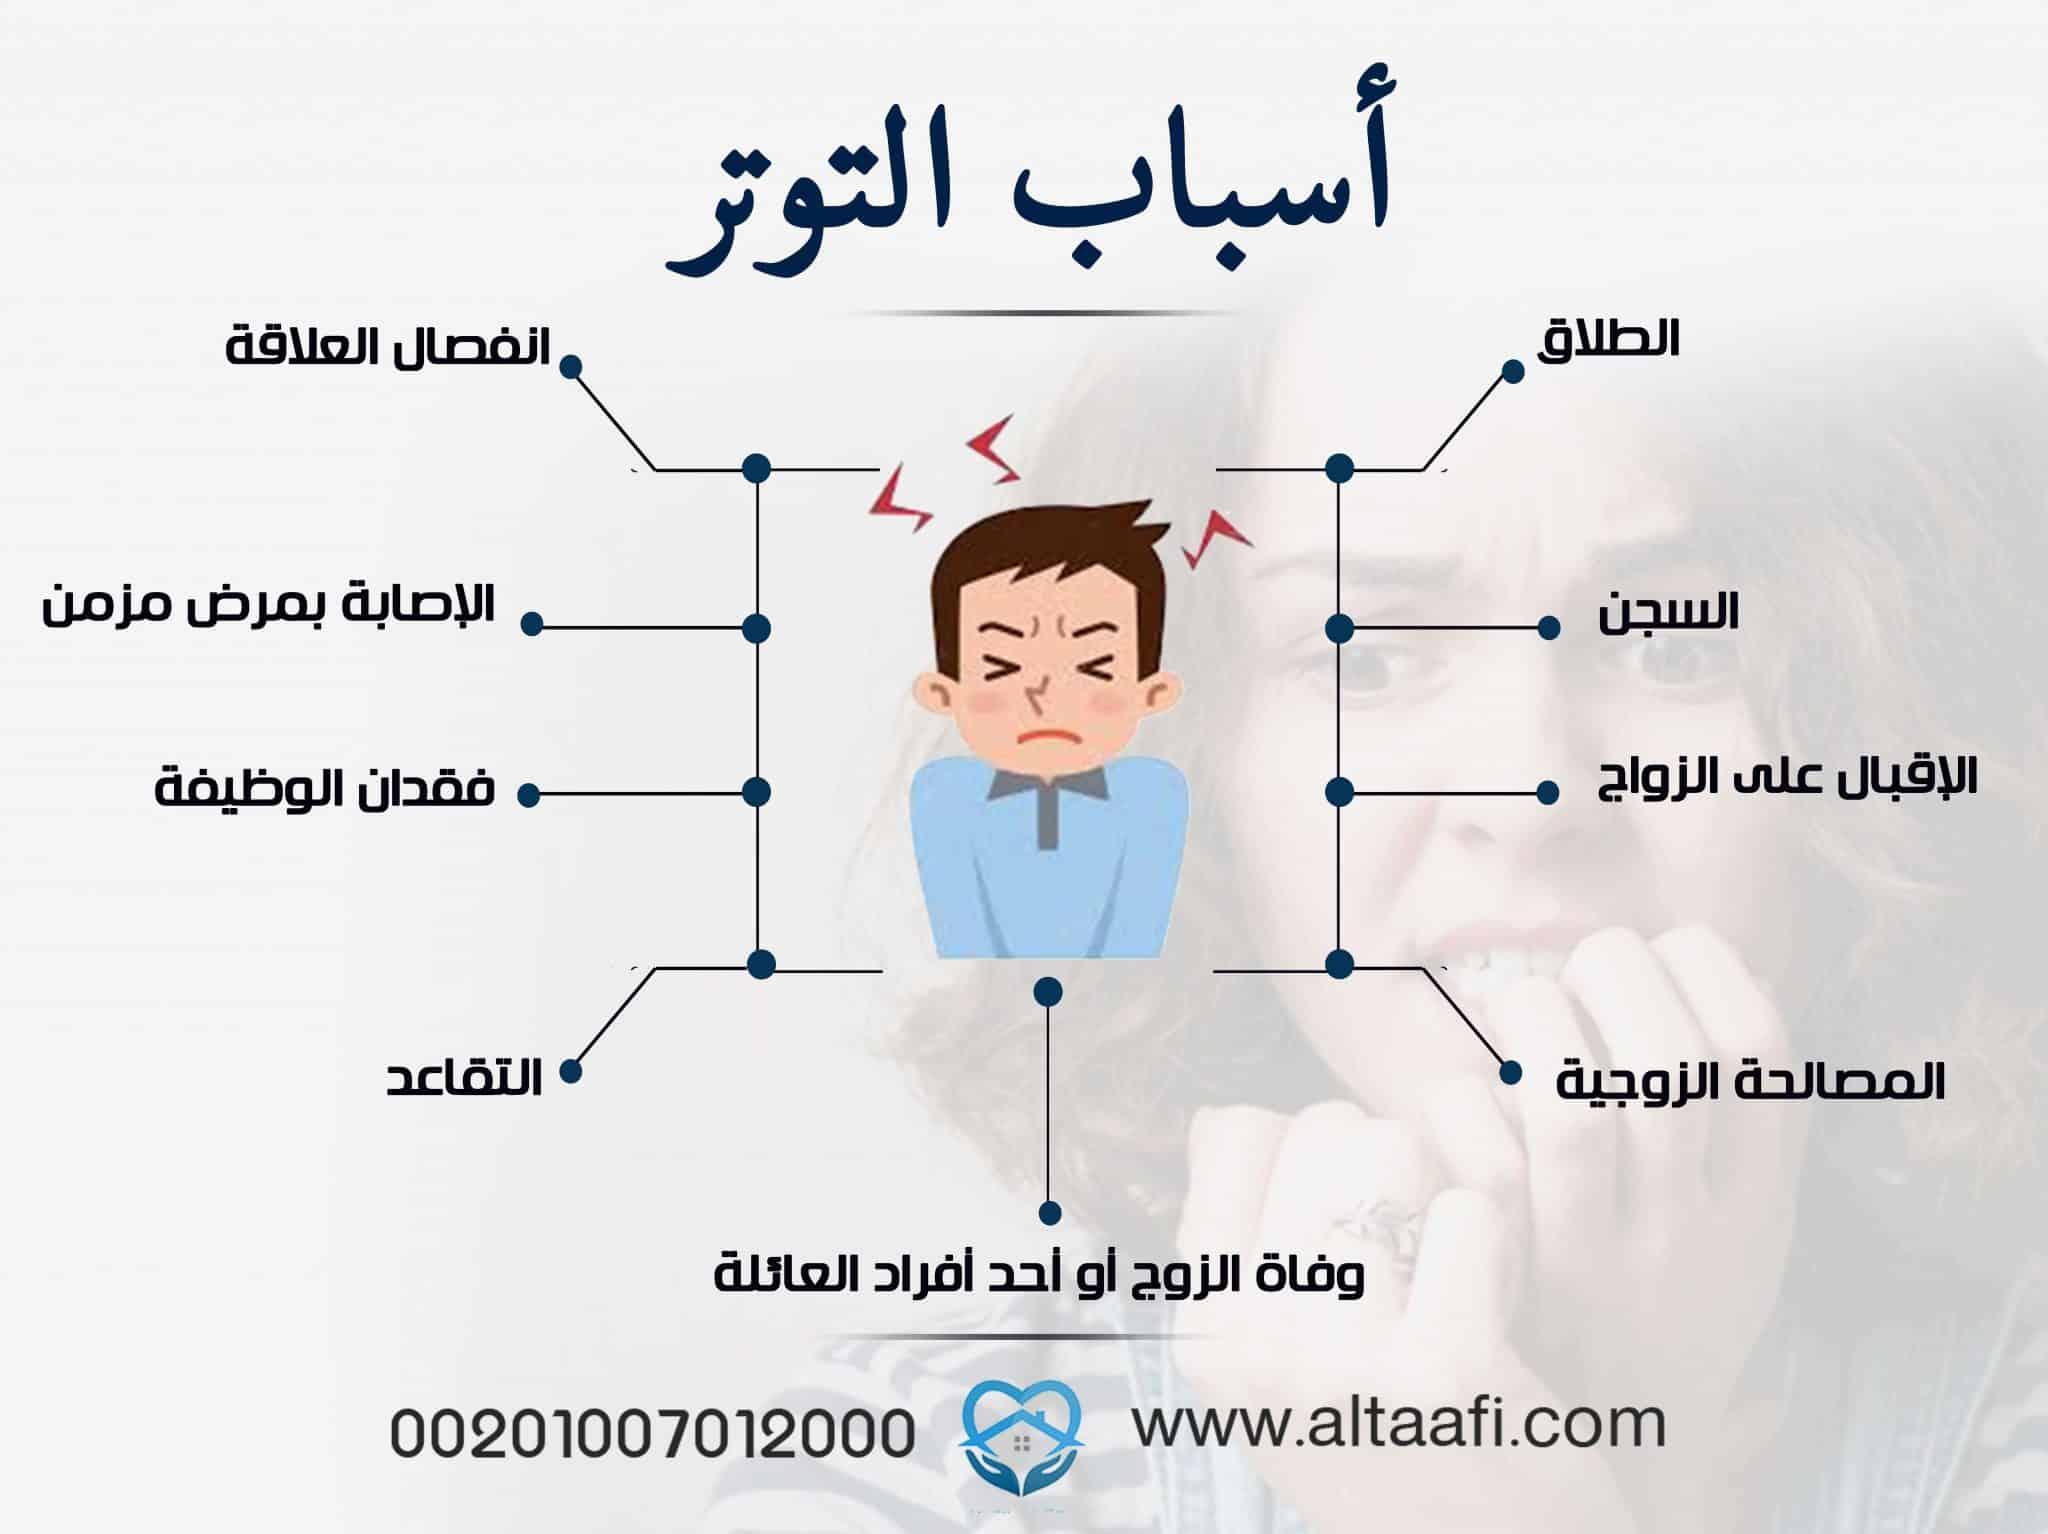 أسباب التوتر